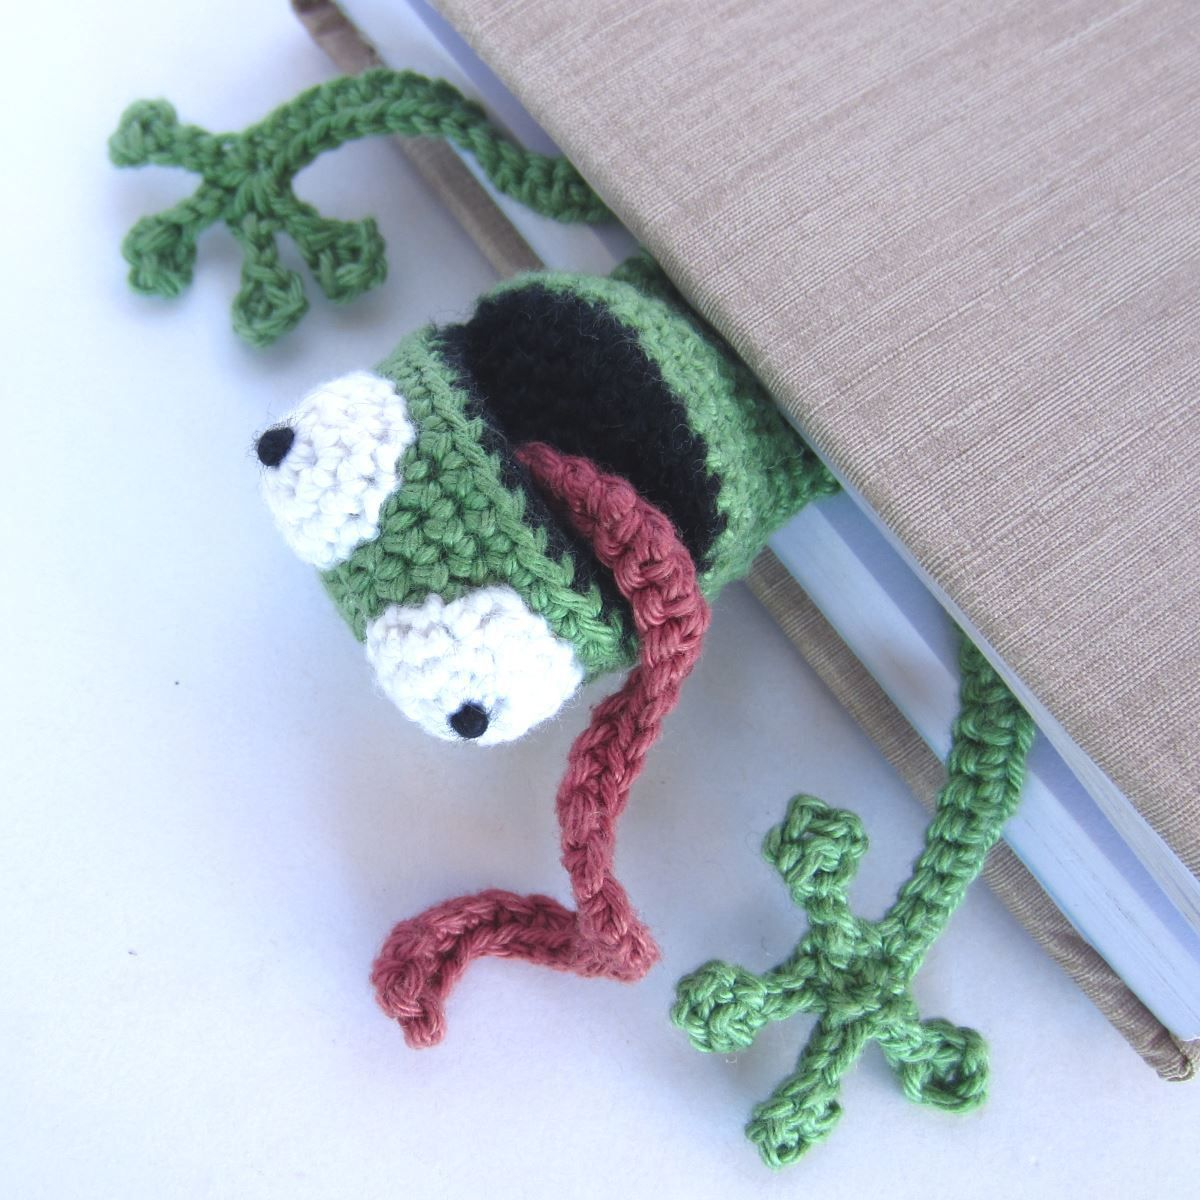 Amigurumi Frosch Lesezeichen Häkeln Beitragsbild Amigurumi Puppen